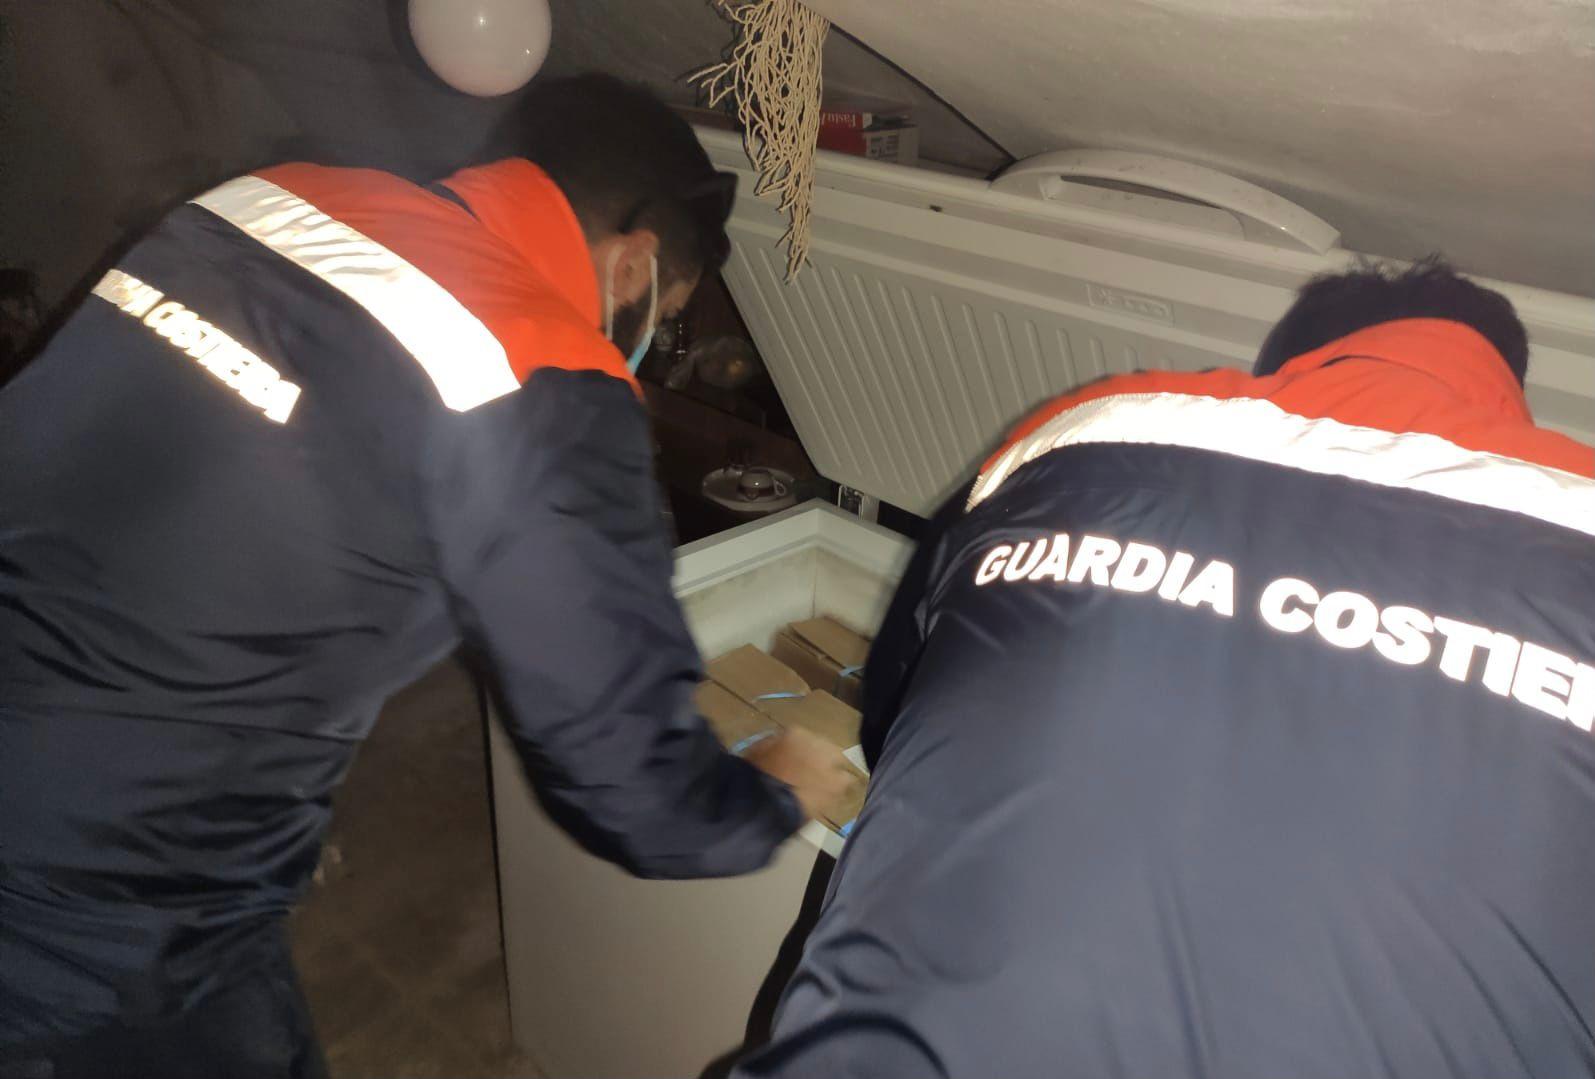 Sequestrati oltre 150 kg di pesce dalla Guardia costiera di Civitavecchia